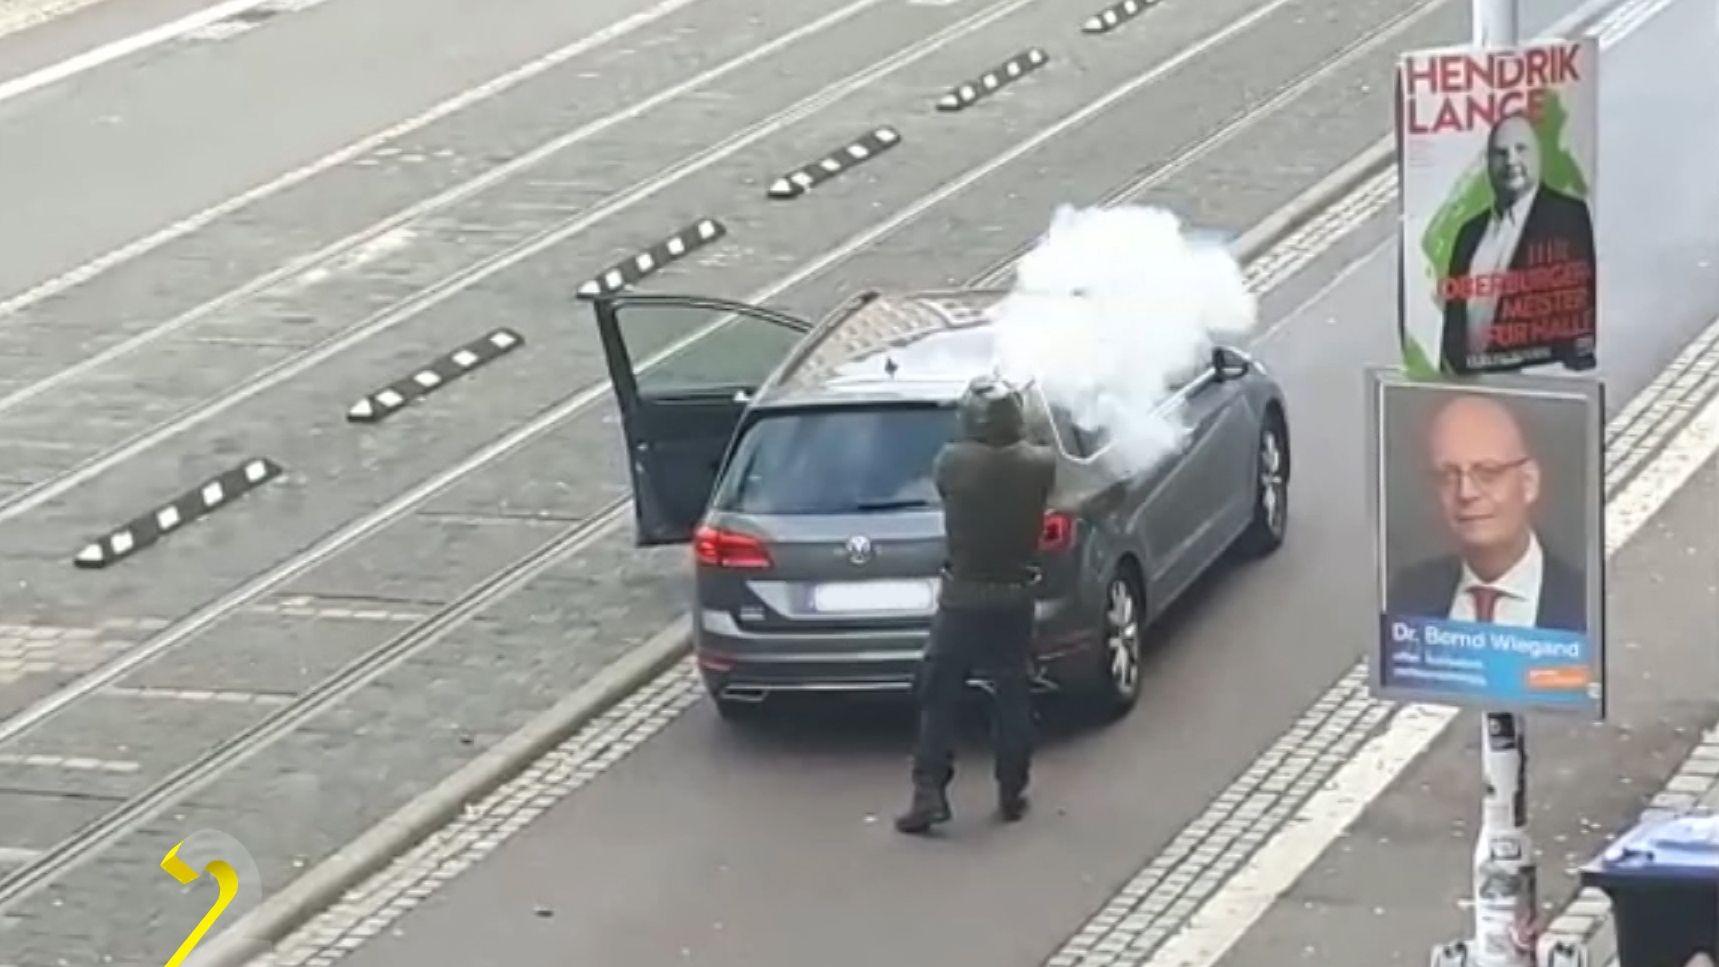 MDR-Reporterin Pauline Vestring berichtet live vom Ort der Schießerei in Halle/Saale